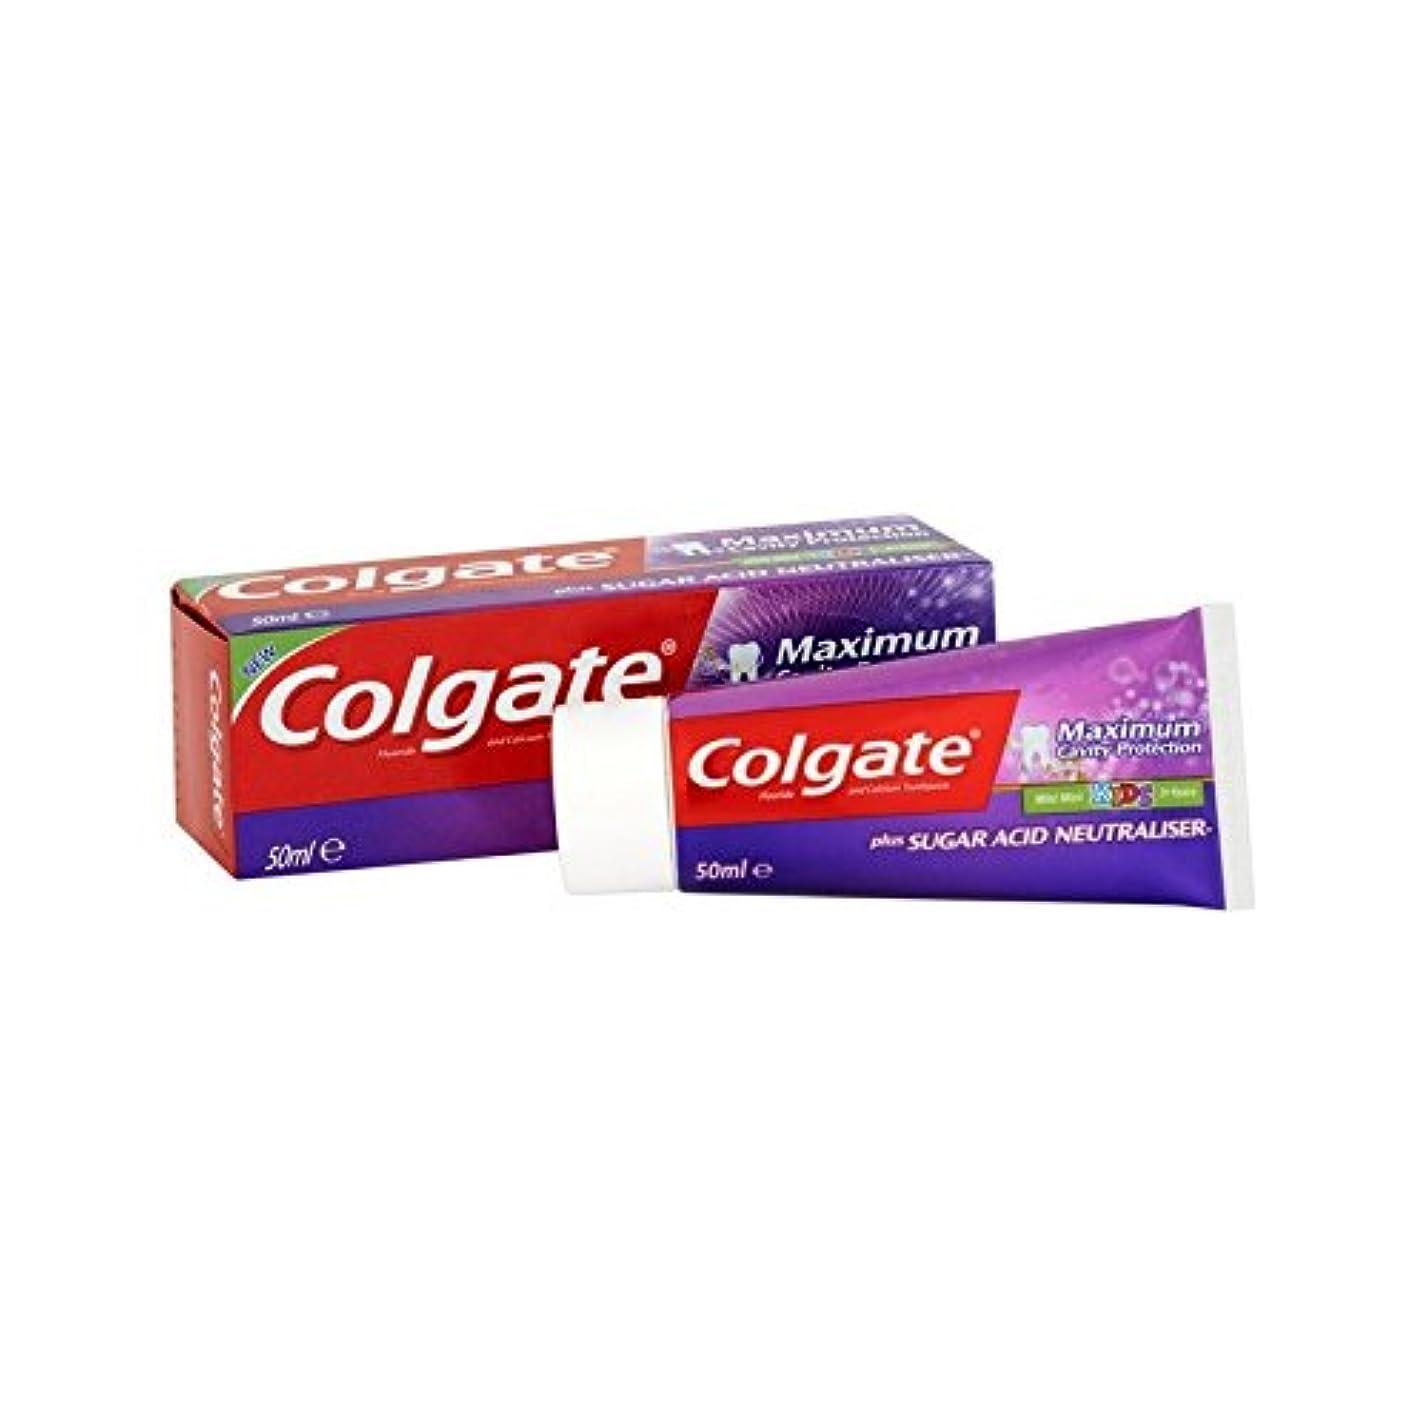 足首十分ではない作物最大空洞の子供の50ミリリットルを保護 (Colgate) (x 2) - Colgate Maximum Cavity Protect Kids 50ml (Pack of 2) [並行輸入品]